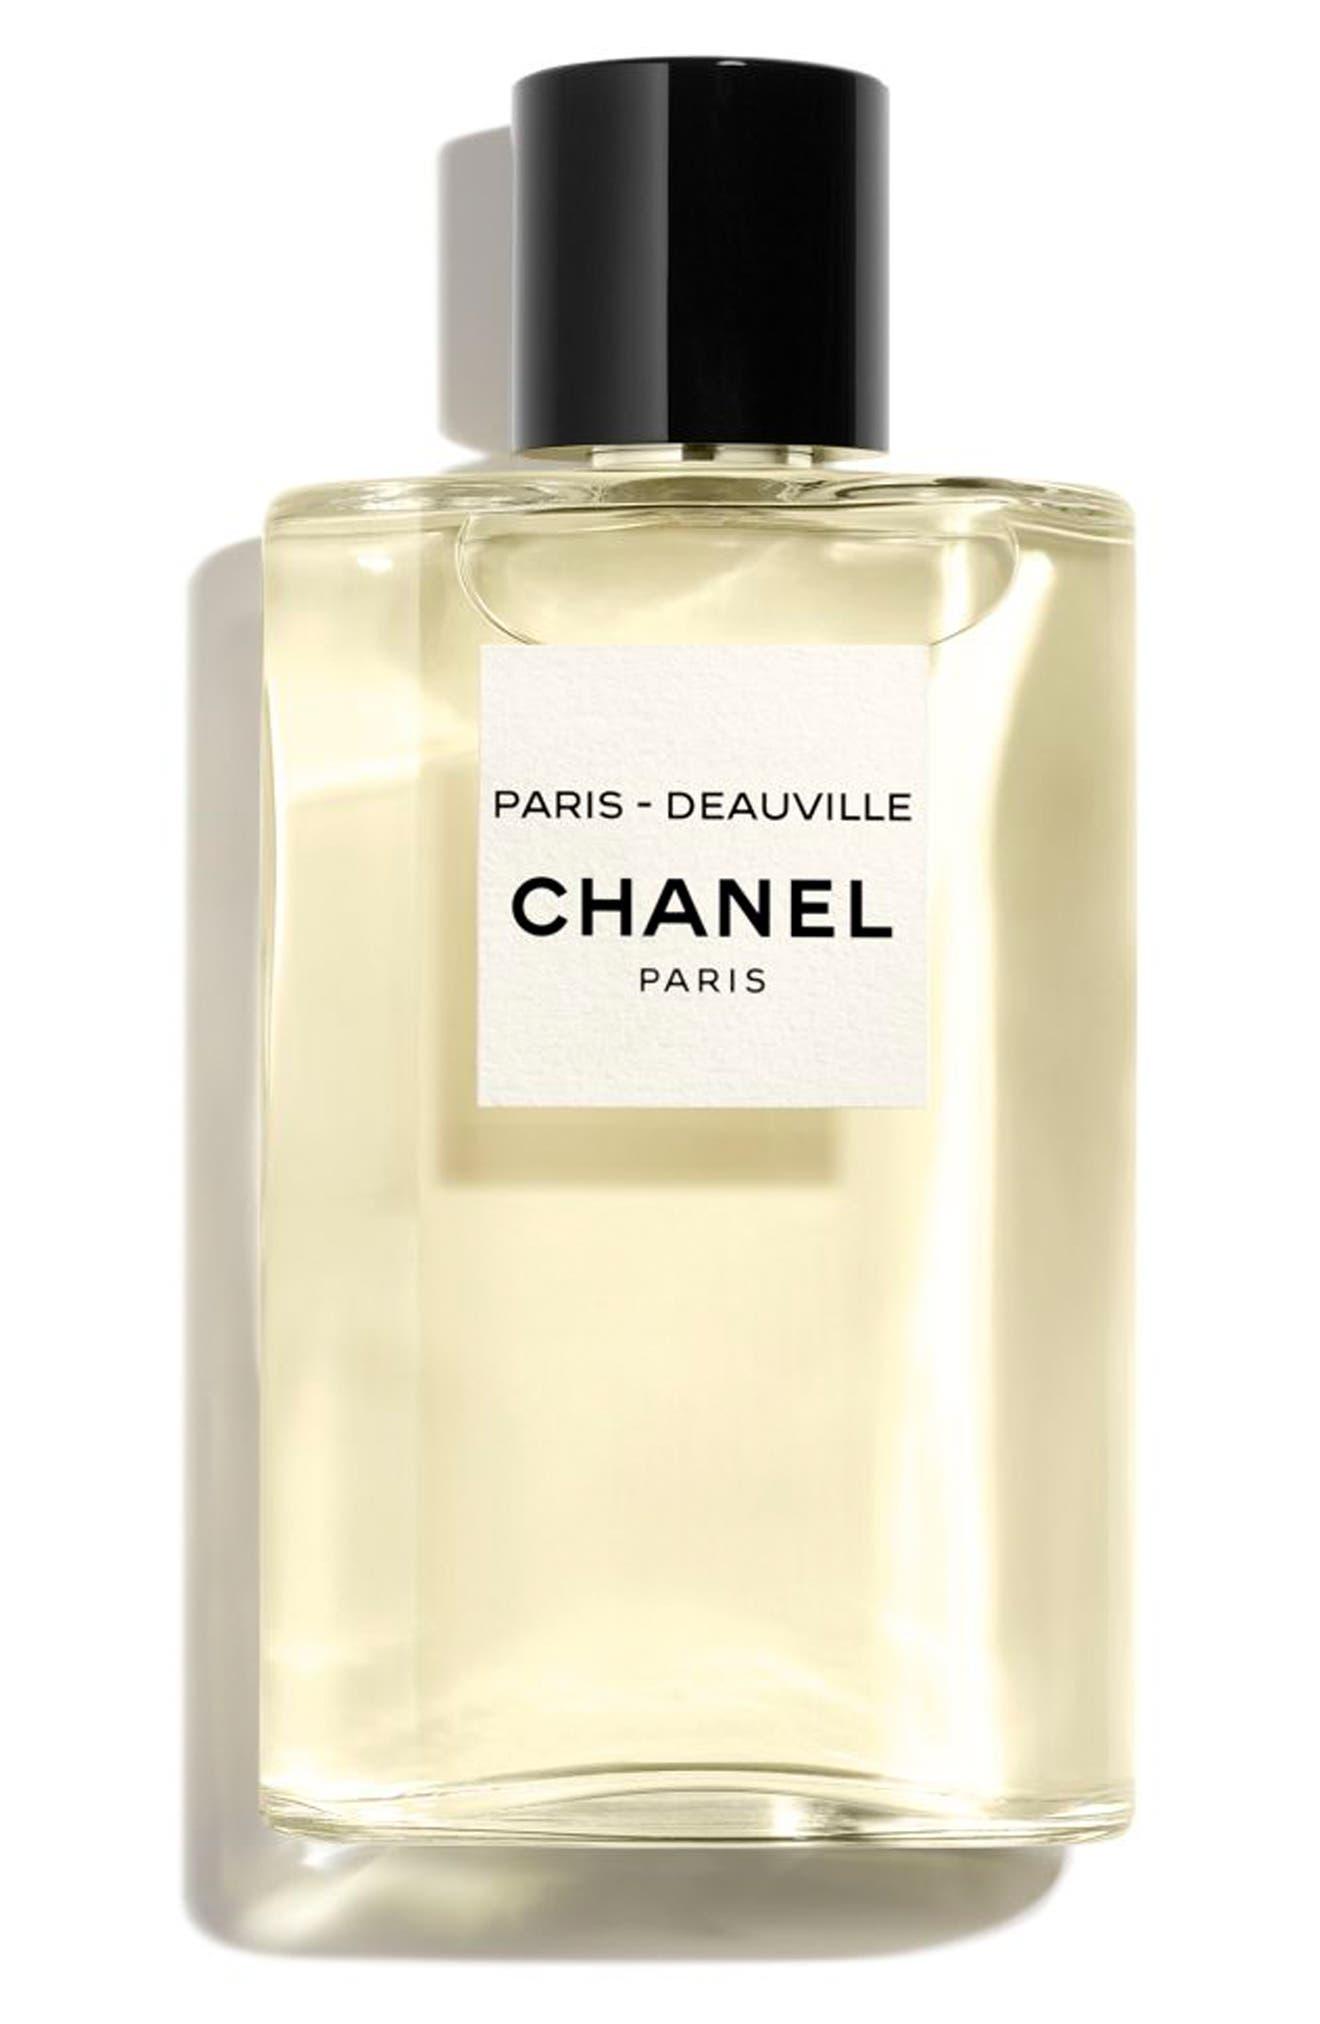 CHANEL, LES EAUX DE CHANEL PARIS-DEAUVILLE Eau de Toilette, Main thumbnail 1, color, NO COLOR